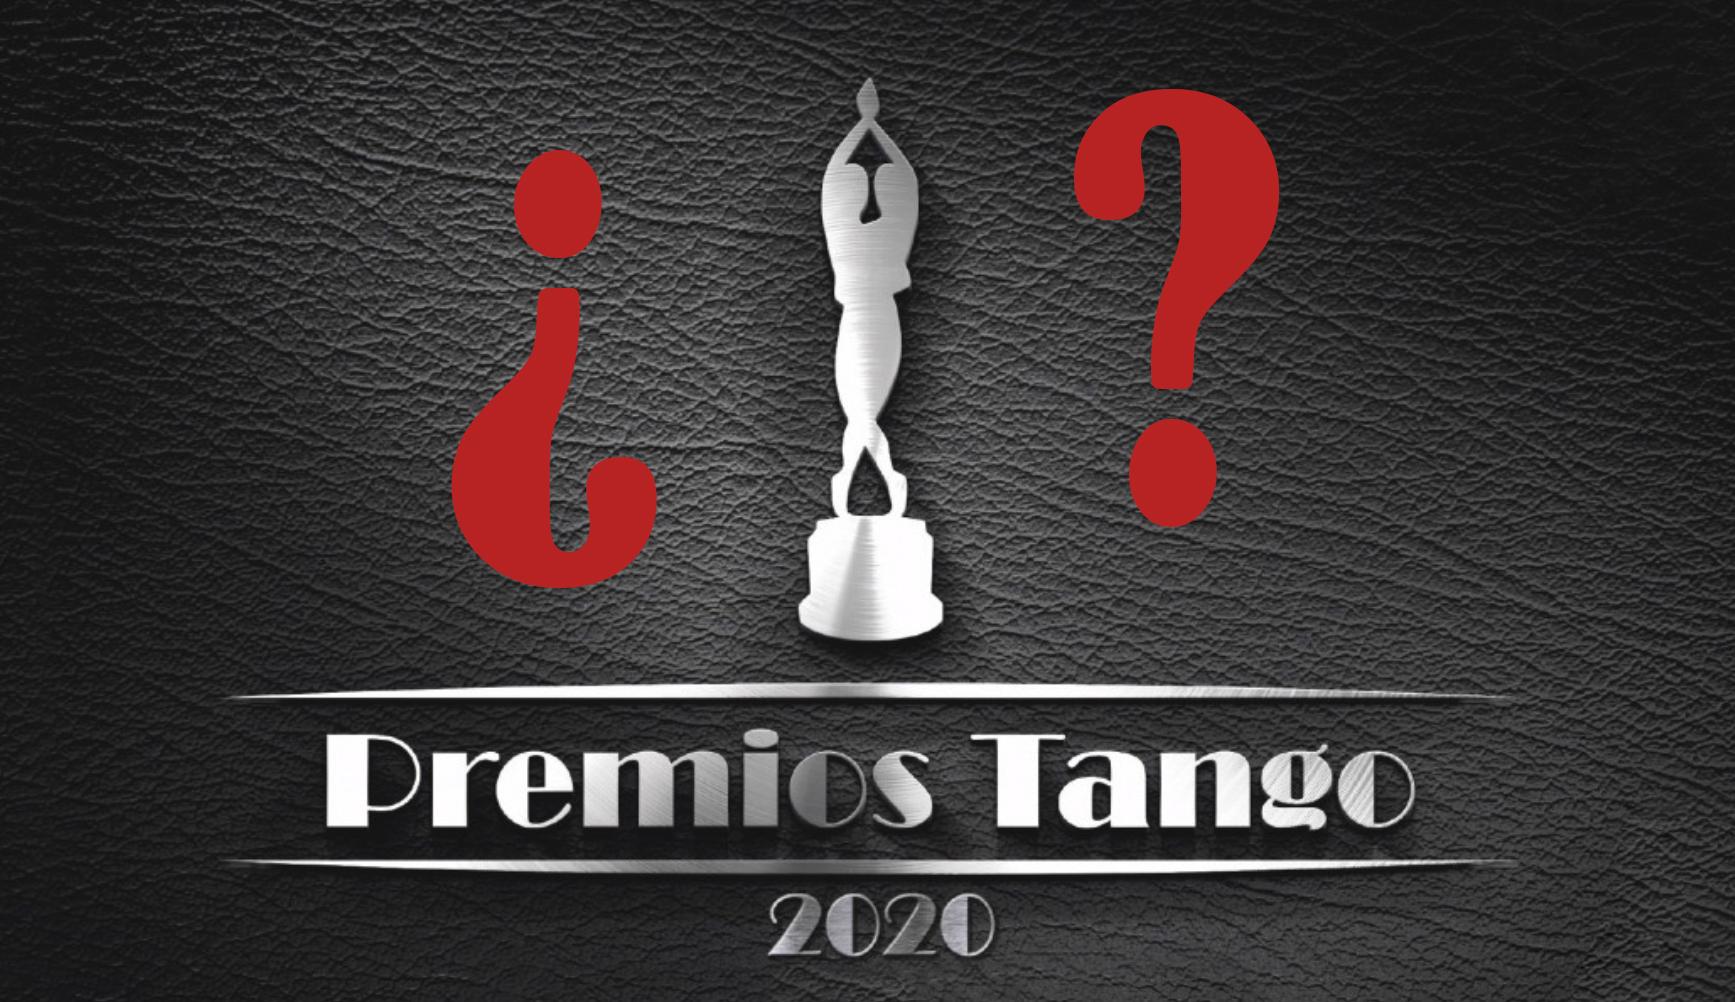 En suspenso Premios Tango 2020